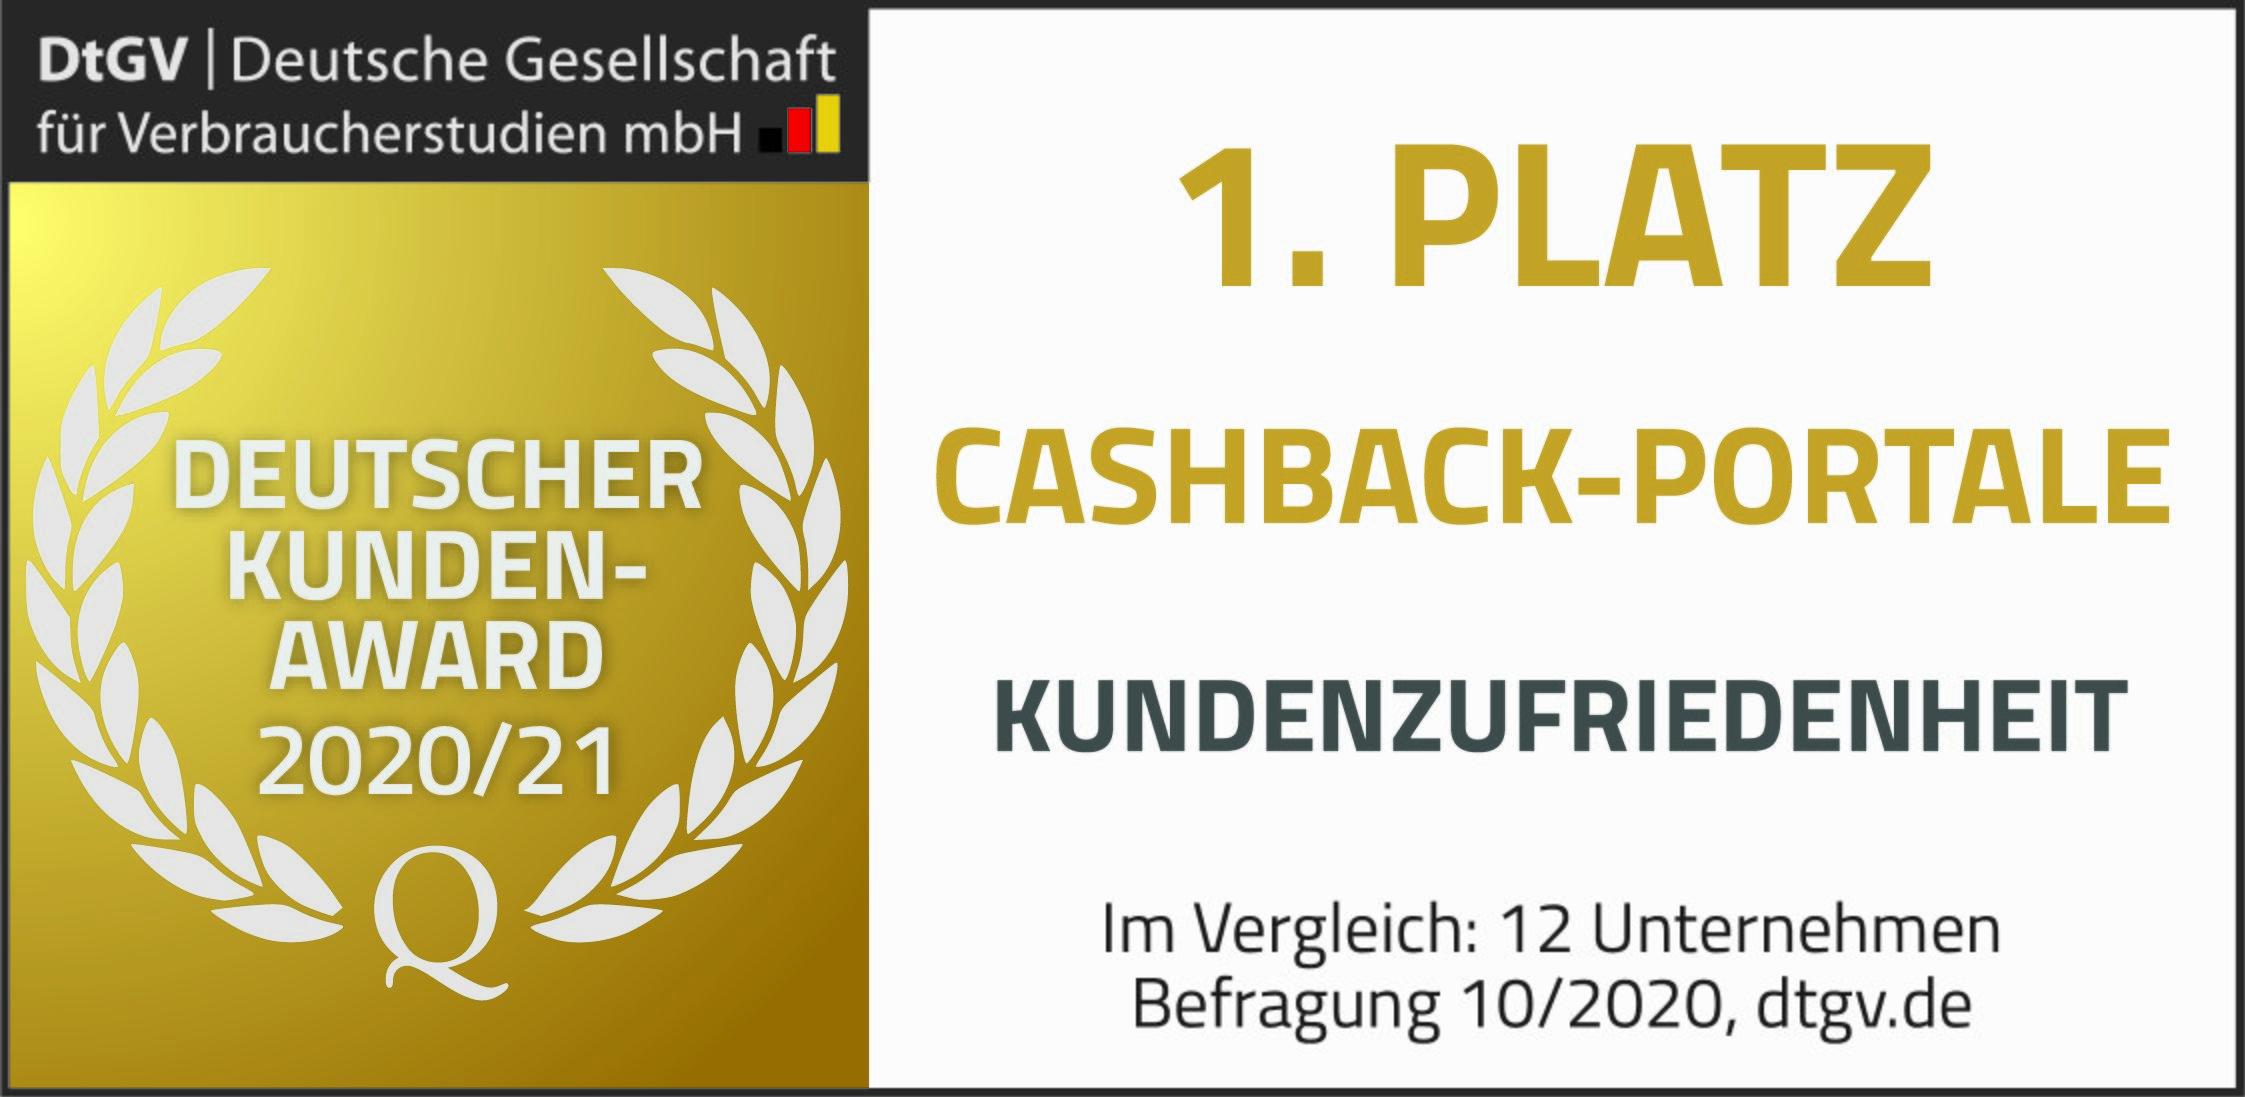 1. Platz Kundenzufriedenheit in der Branche Cashback-Portale